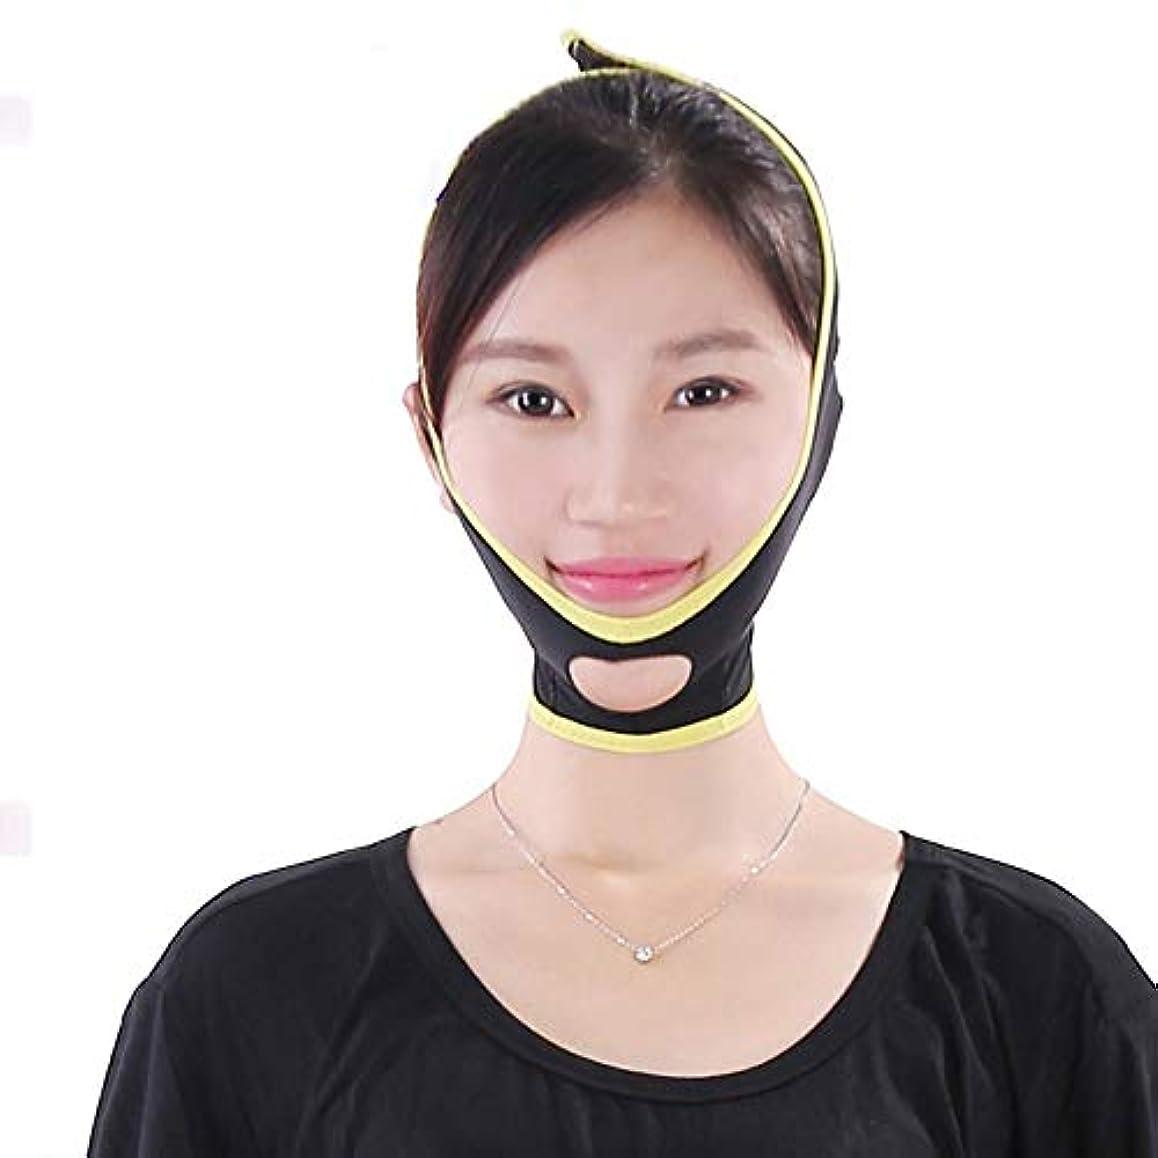 ごみ盟主彼らのものVフェイスマスク、フェイスリフティングアーティファクト、美容マスク、顔のしわ防止、減量、二重あご